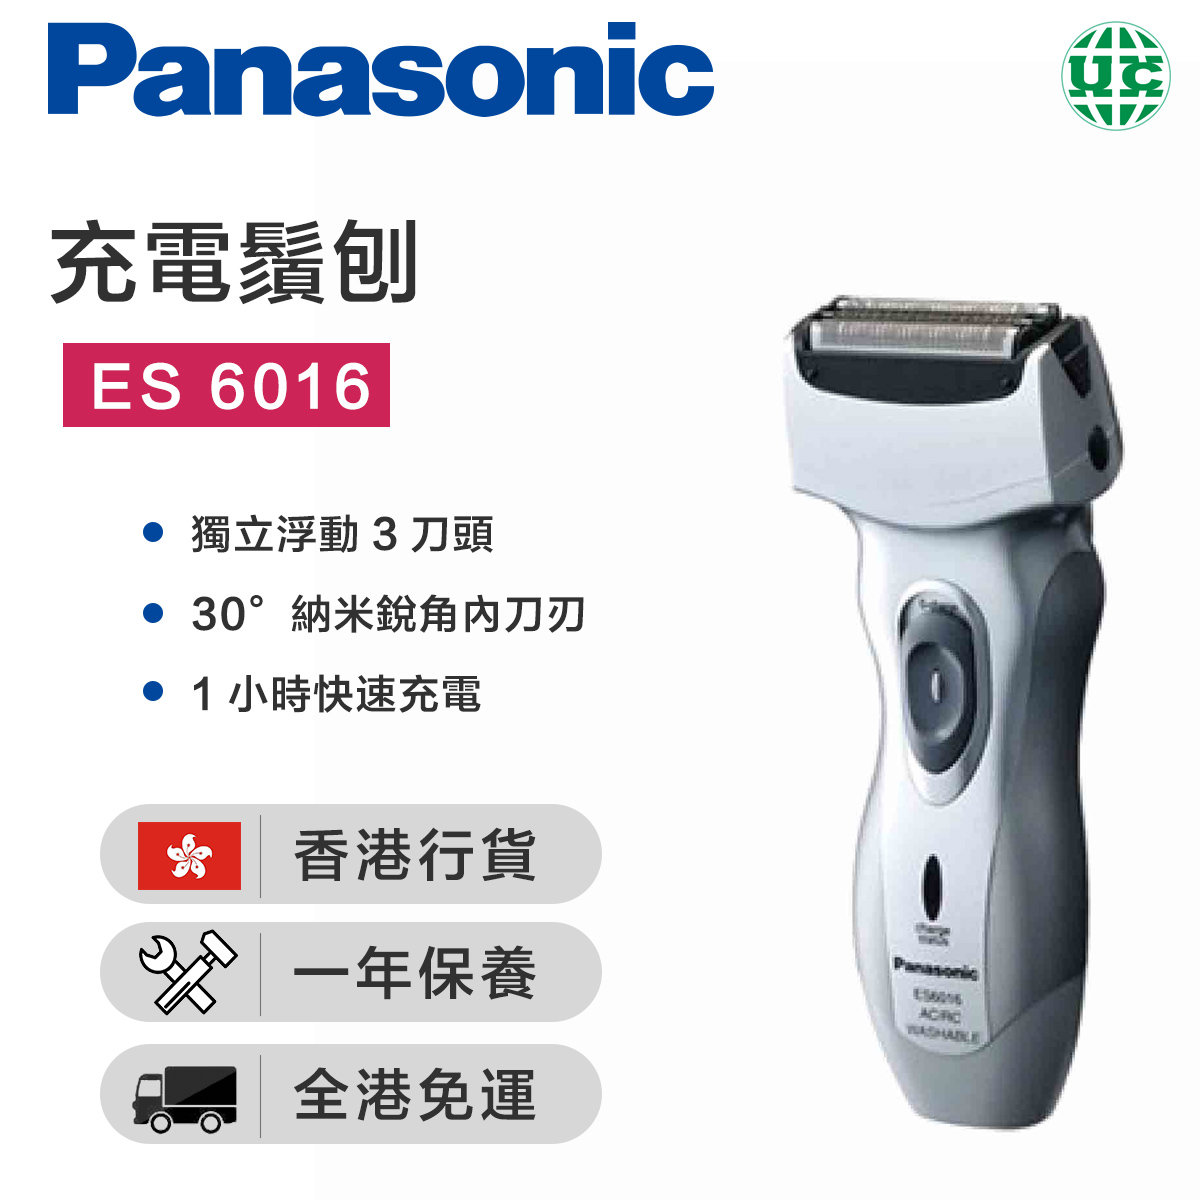 ES-6016 Charging Shaver(Hong Kong licensed)